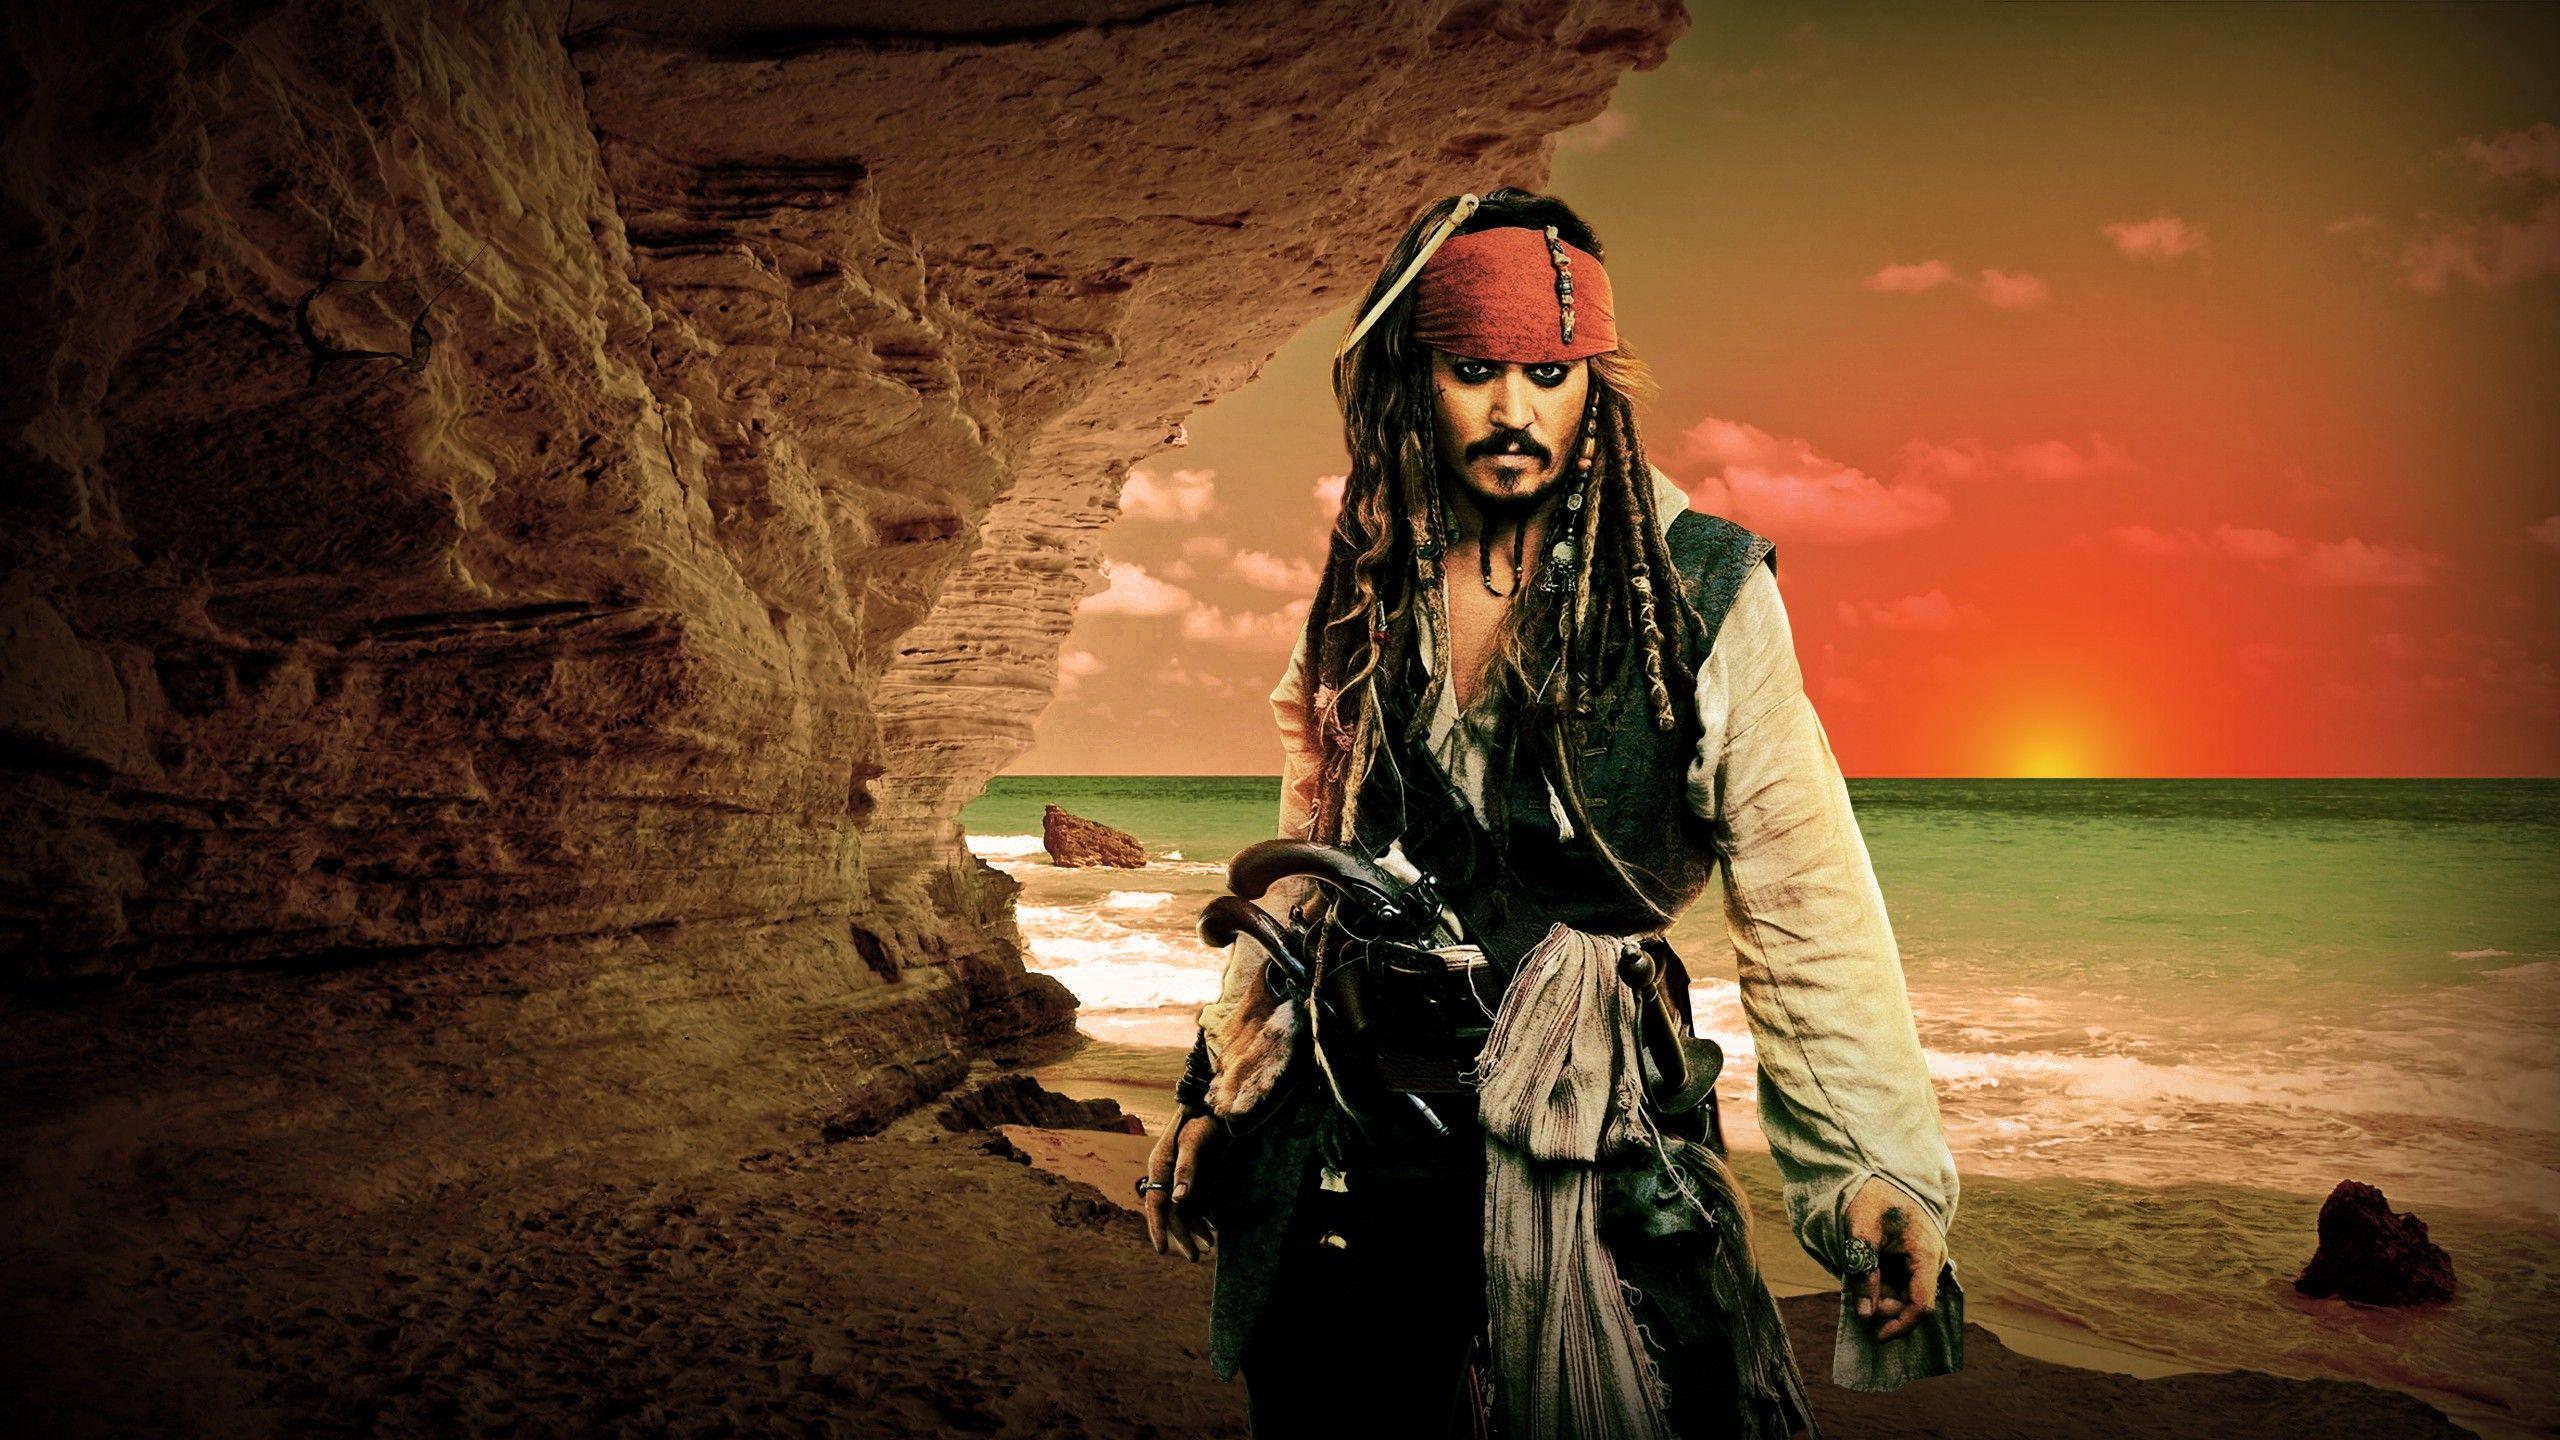 Обои на рабочий стол фильмы пираты